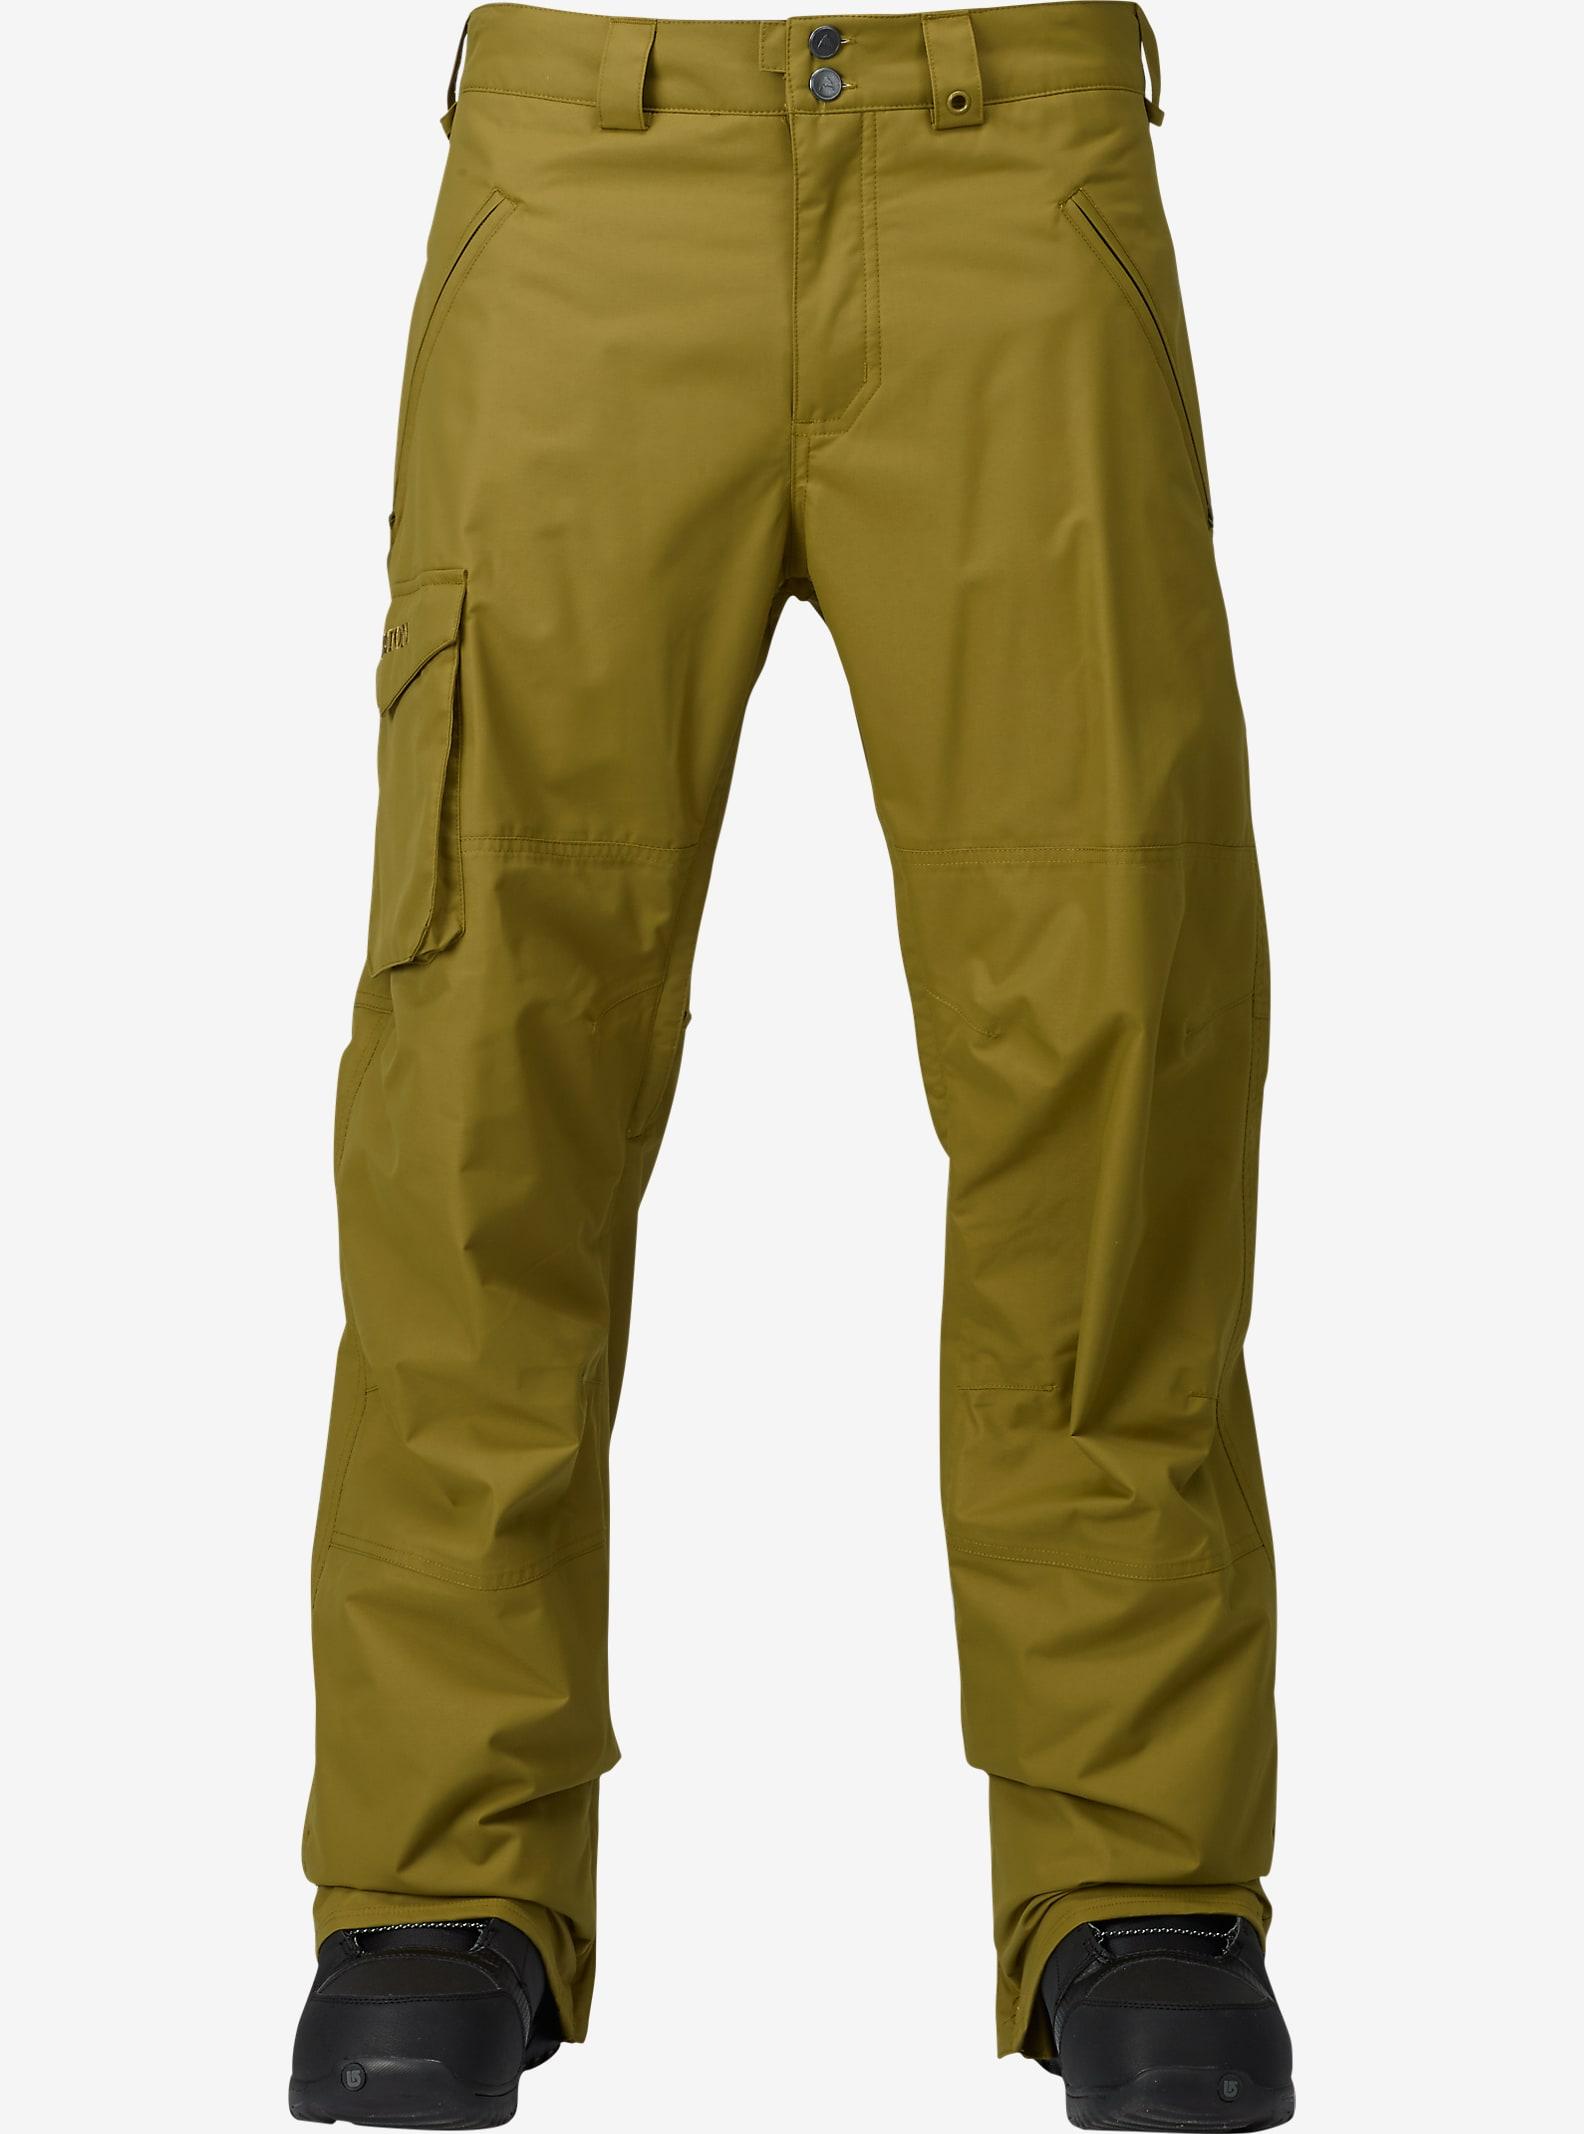 Burton Covert Pant shown in Fir